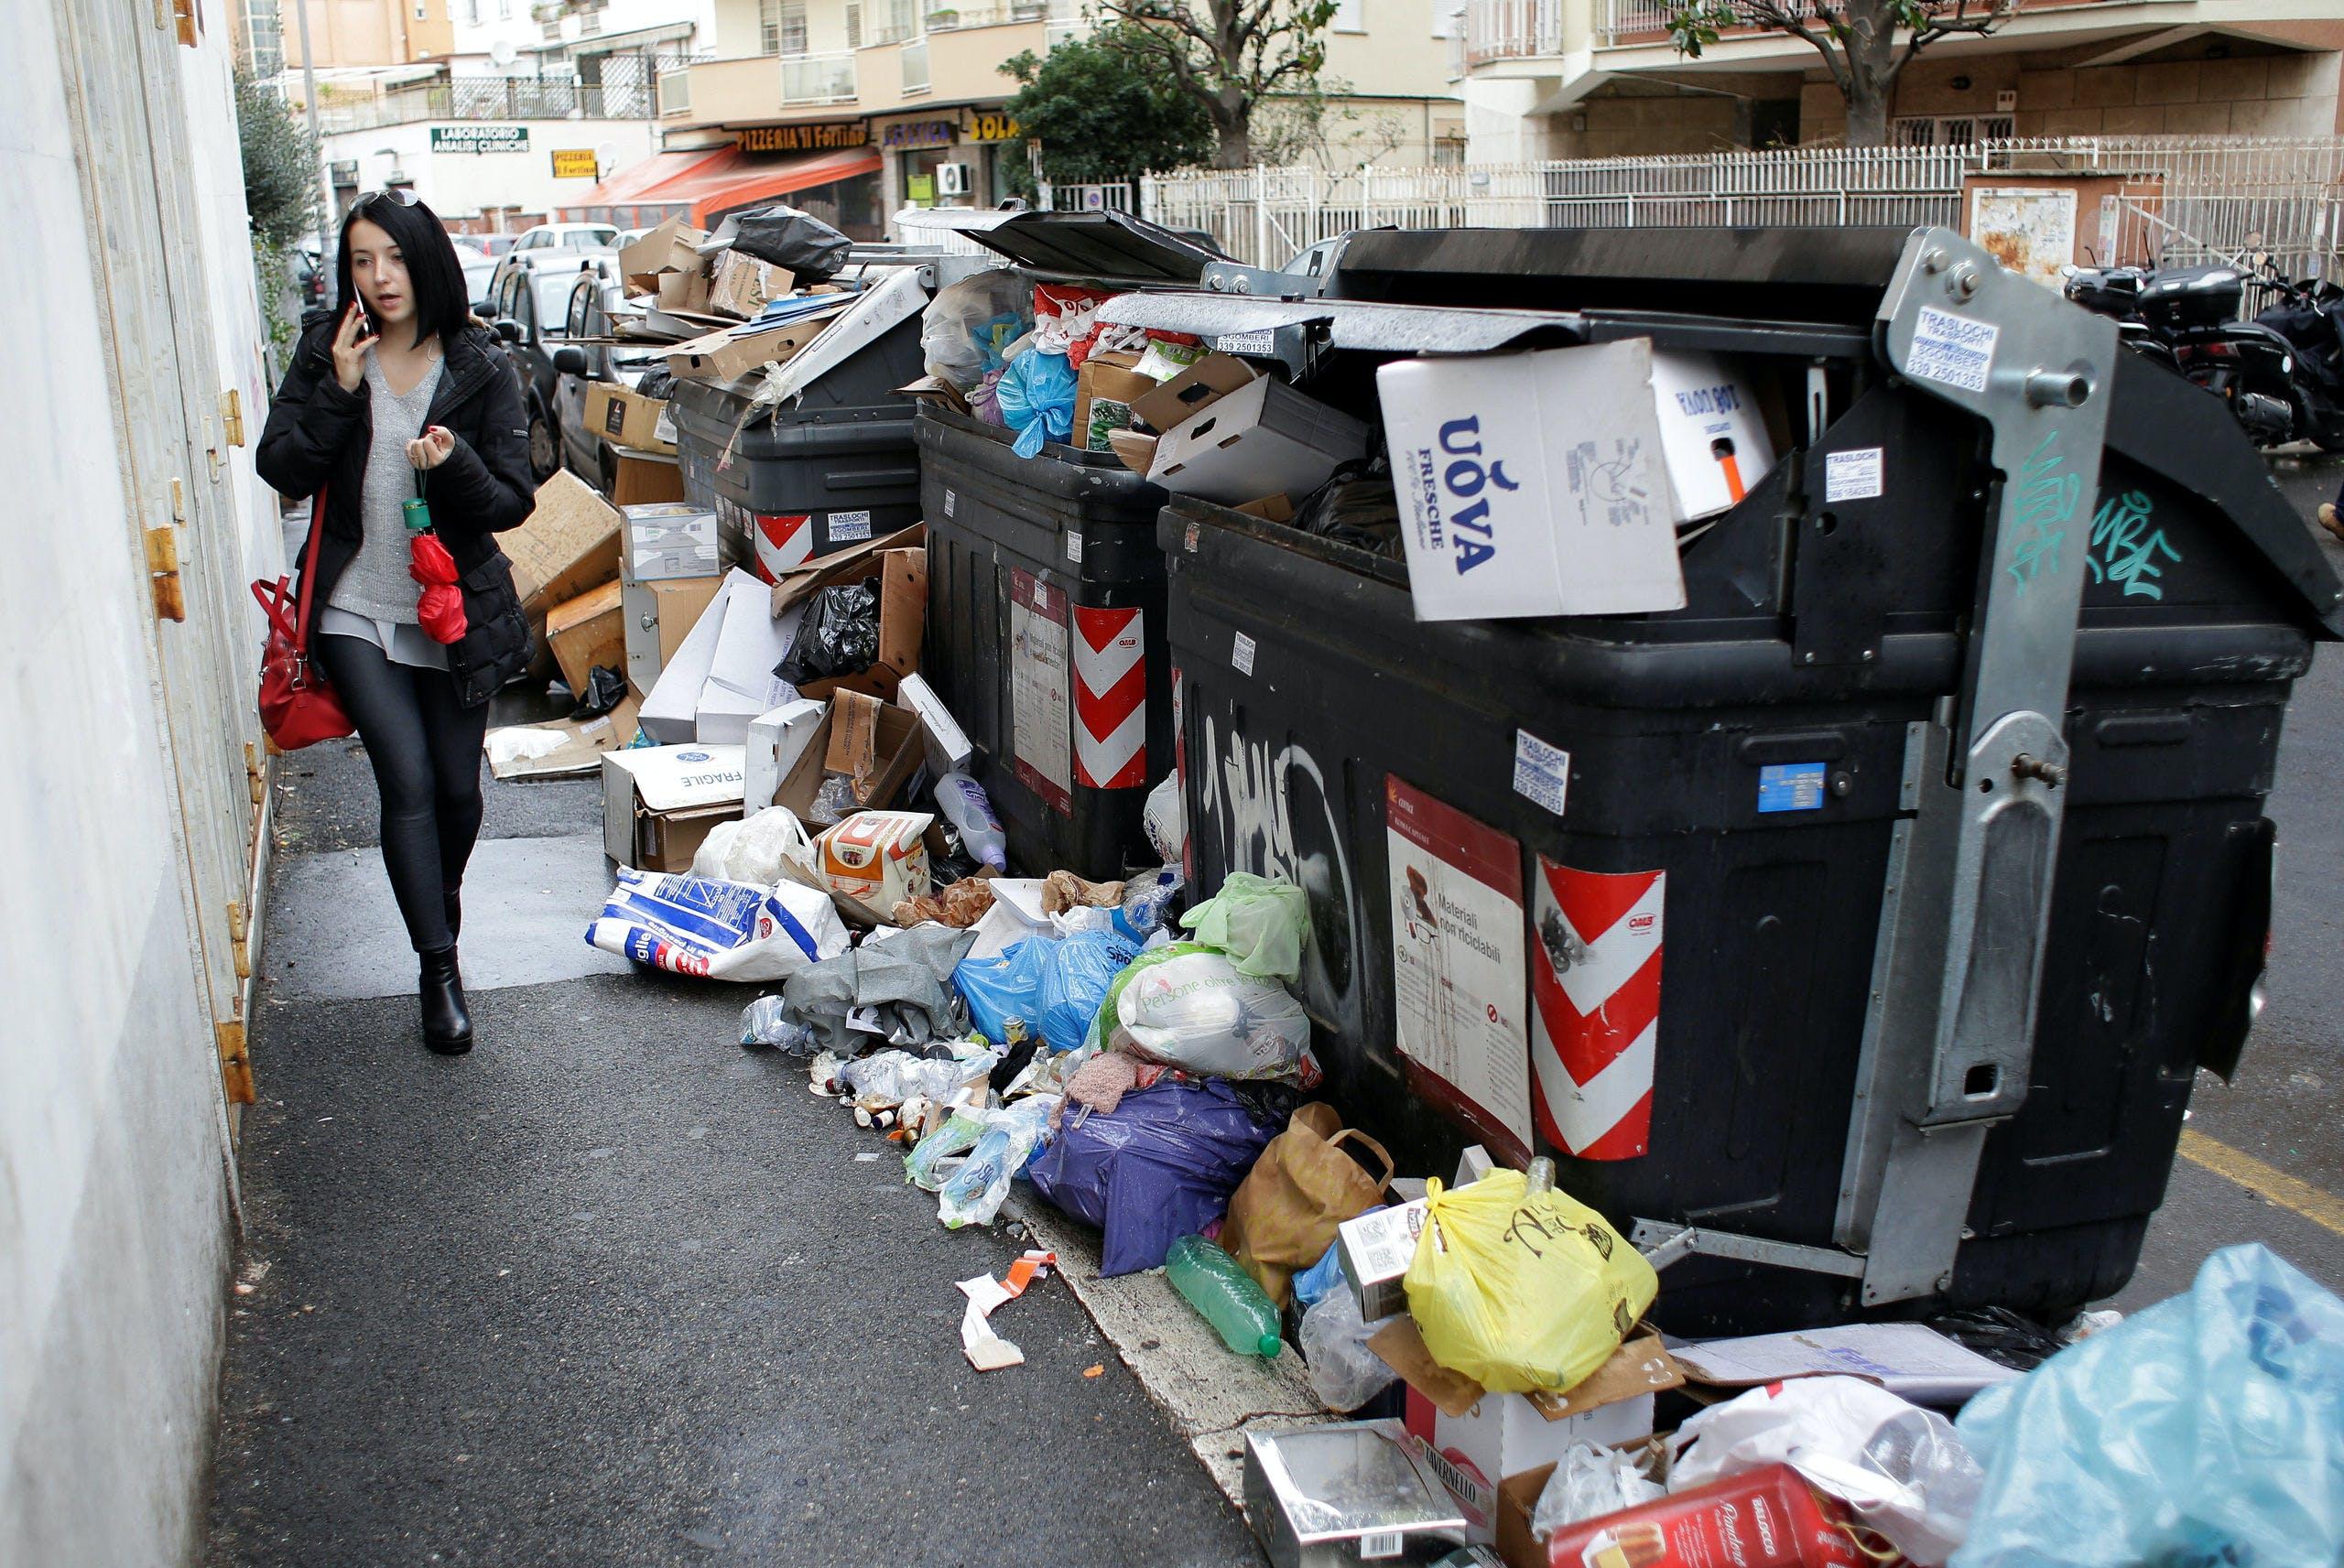 Een Romeinse vrouw loopt langs een berg afval. Noordelijke eurolanden willen dat Italië de risico's op bankbalansen helpt verminderen voordat ze een gezamenlijke Europese schuld willen uitgeven.